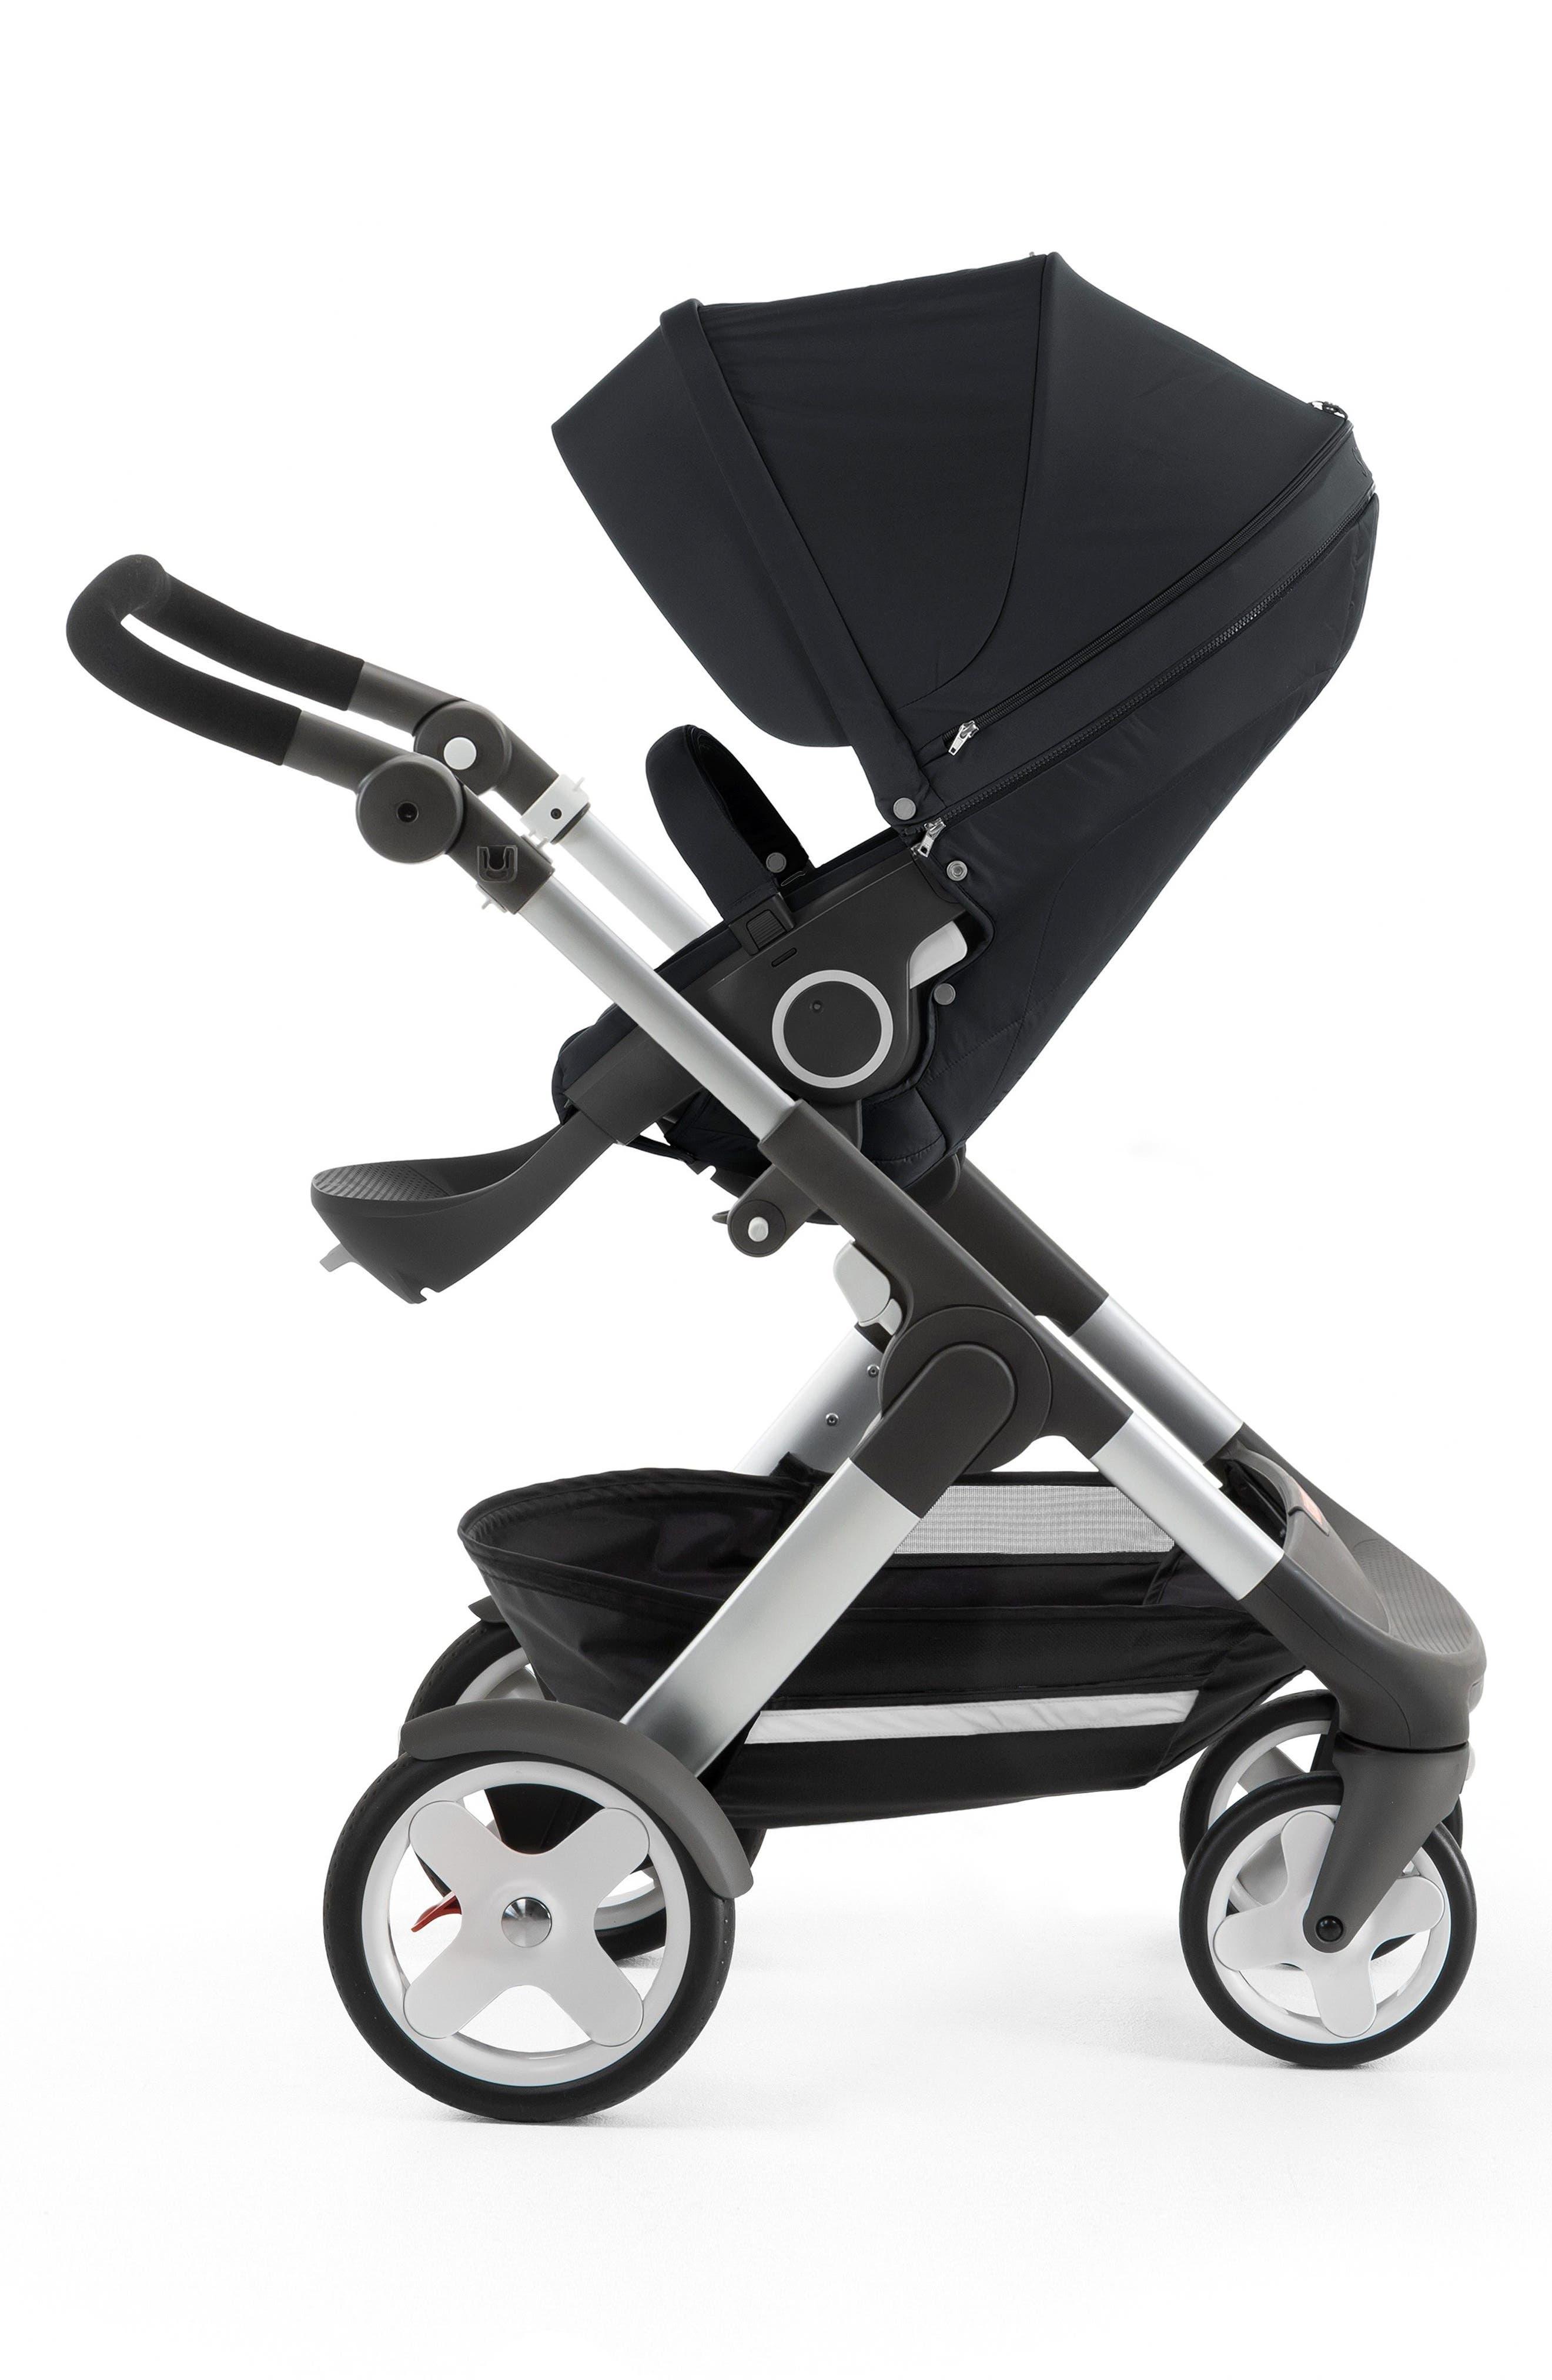 Main Image - Stokke Trailz™ Classic Stroller